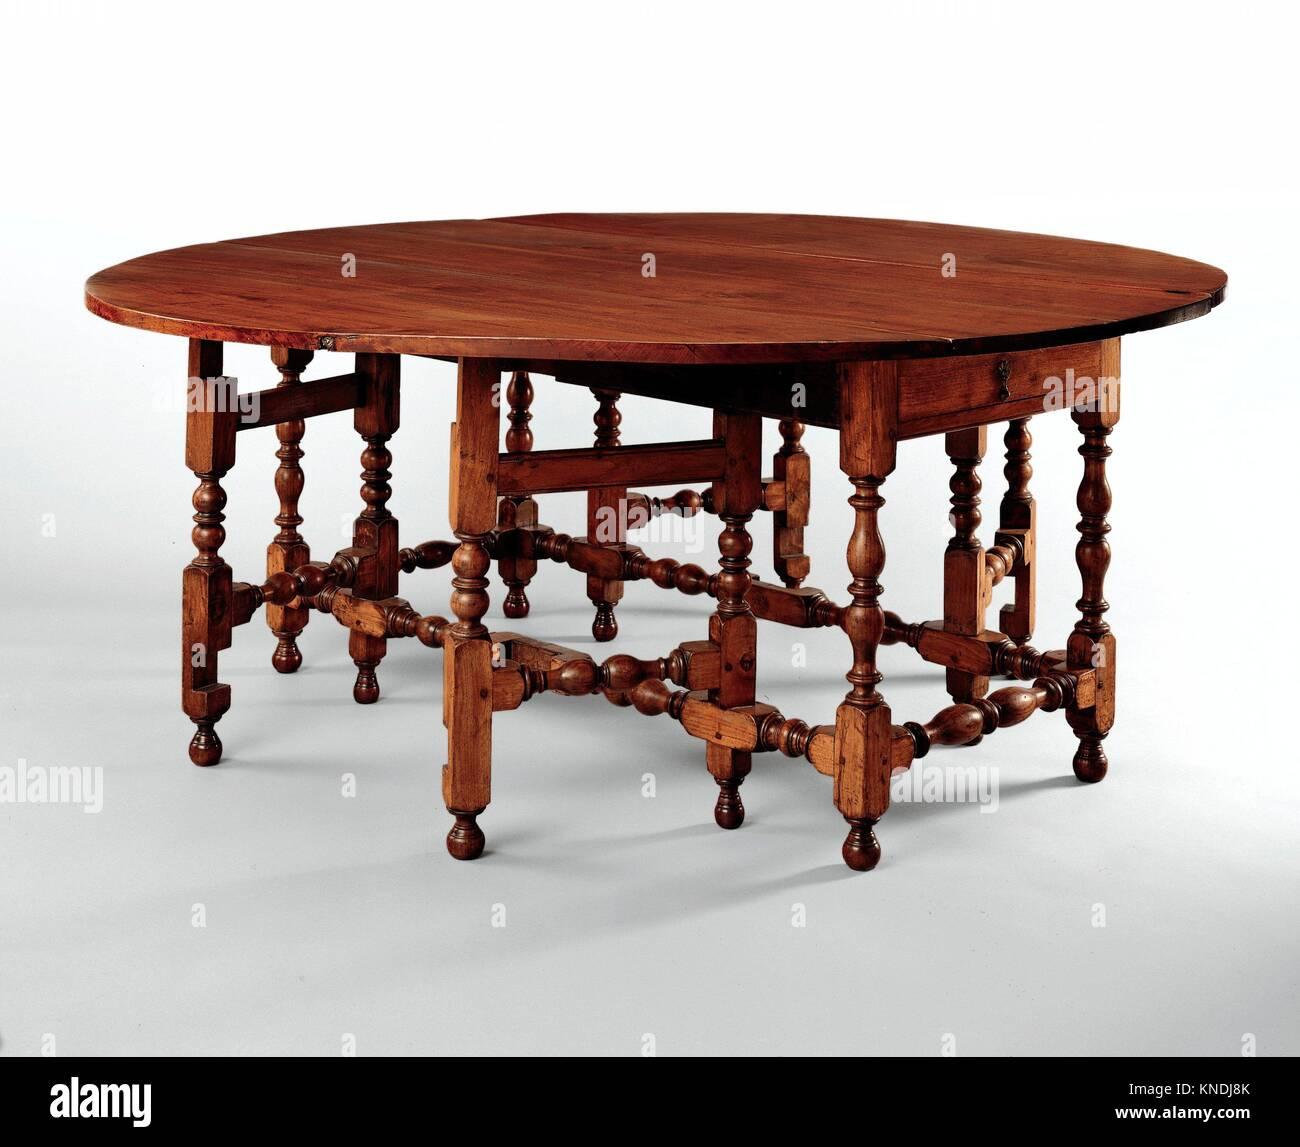 Ovaler Tisch mit fallenden Blätter. Datum: 1690-1720; Geographie: in Boston, Massachusetts, USA, die in der Kultur: American; Mittel: Schwarze walnuss, Stockfoto